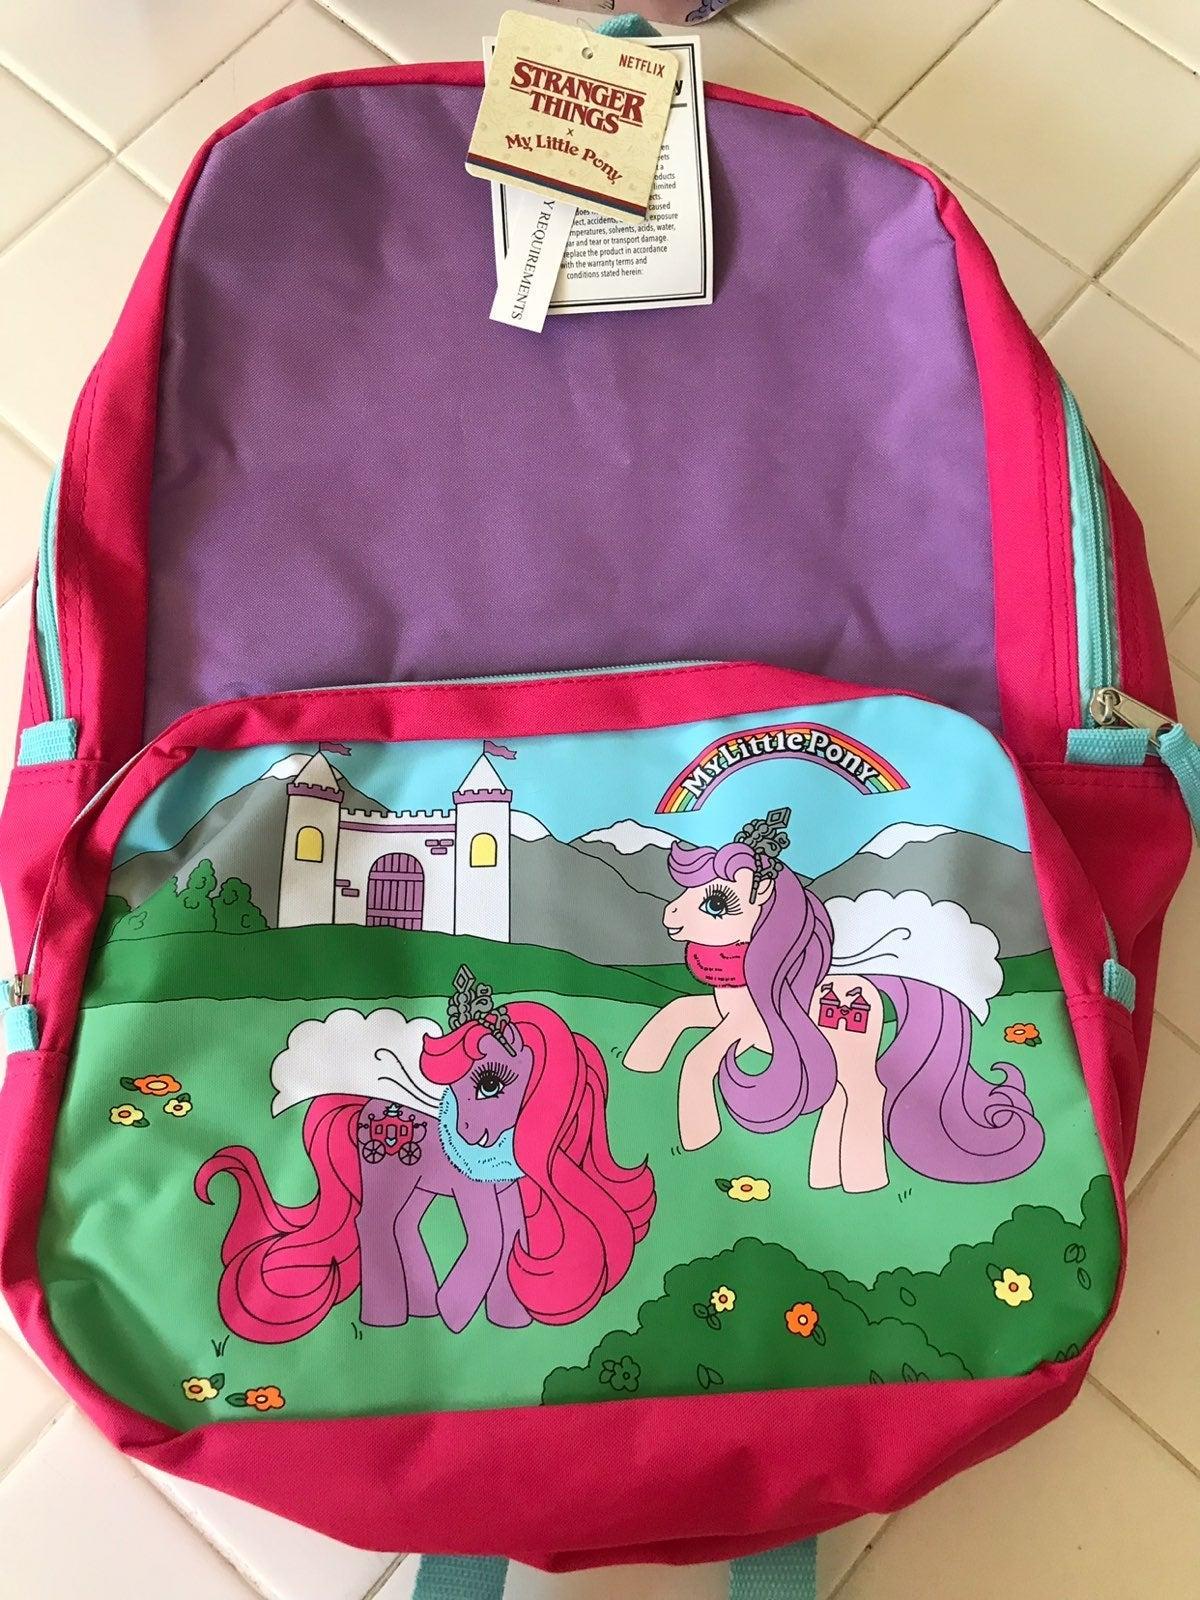 Stranger Things  My Little Pony Backpack